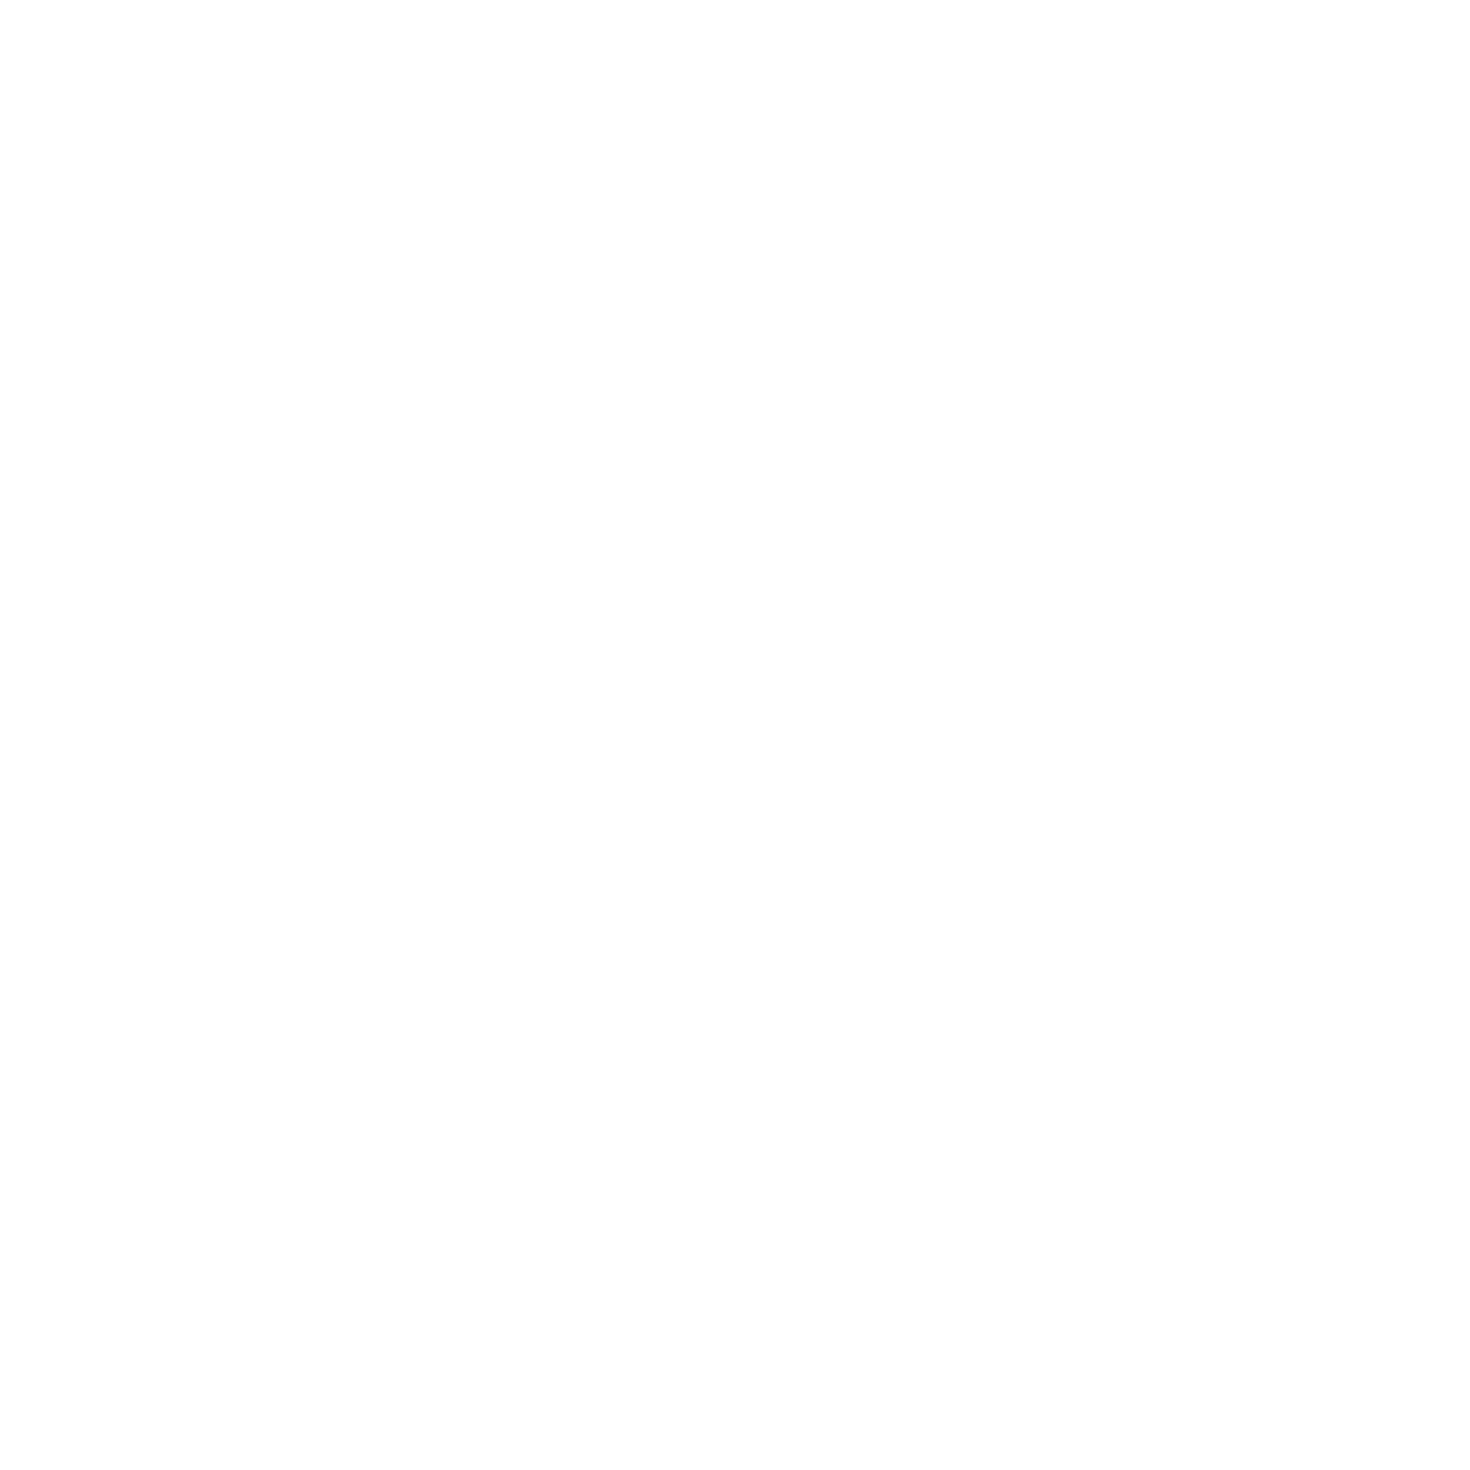 MCCB Board (new)